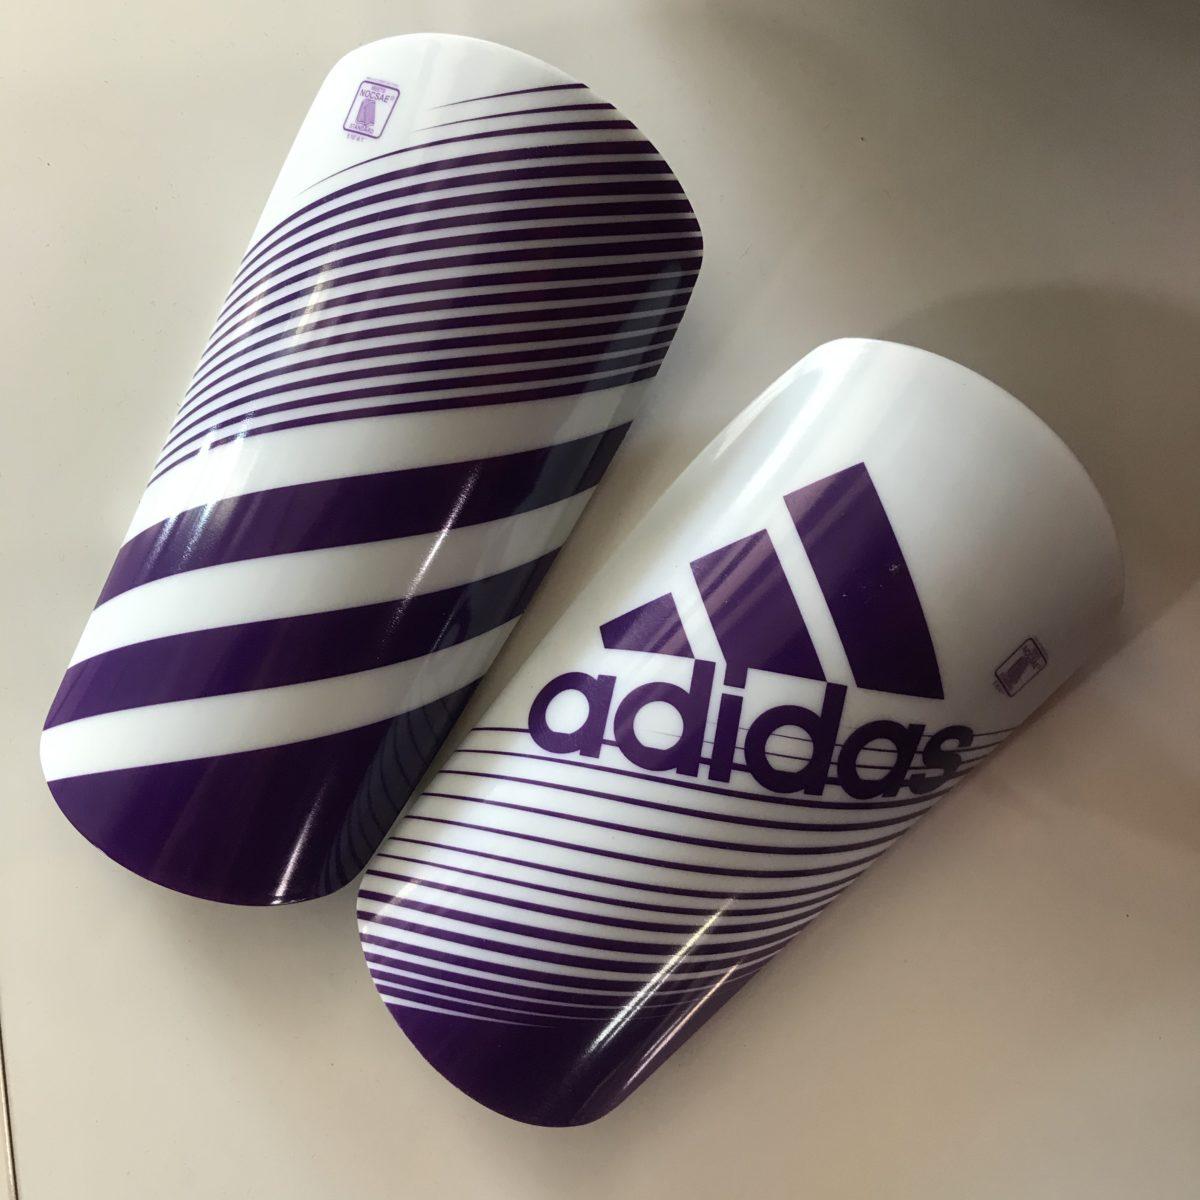 ADIDAS Щитки  Щ002: белый/фиолетовый - 1